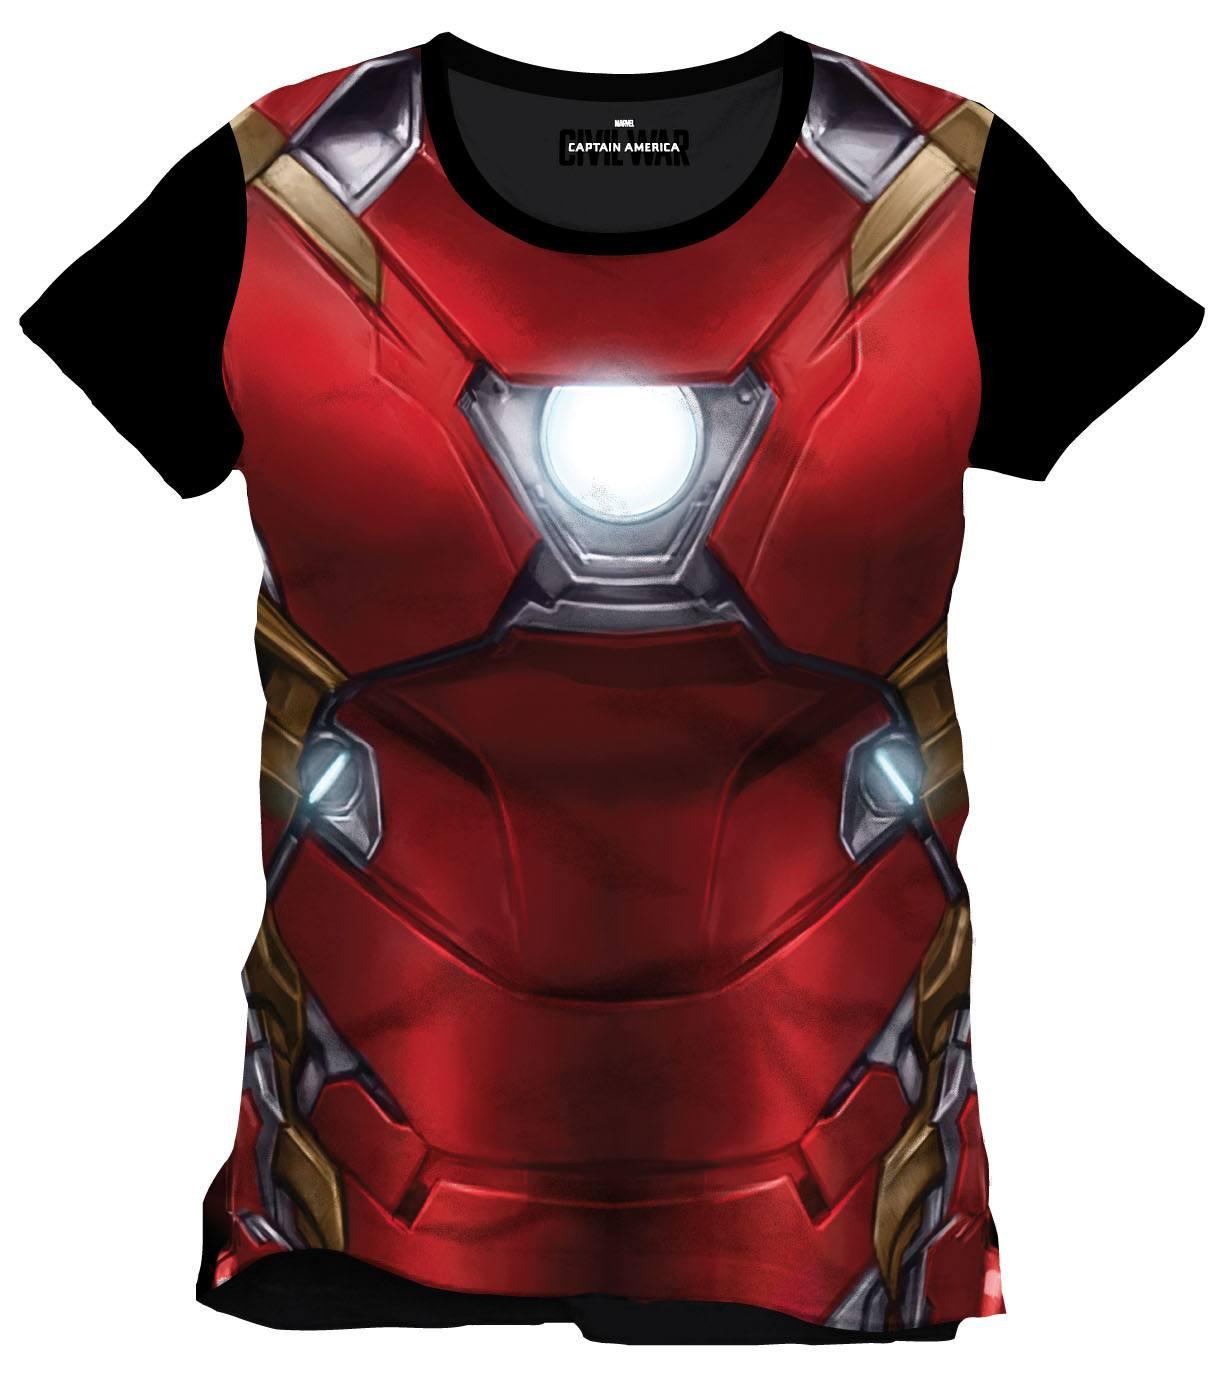 Captain America Civil War Sublimation T-Shirt Iron Man Chest Size L